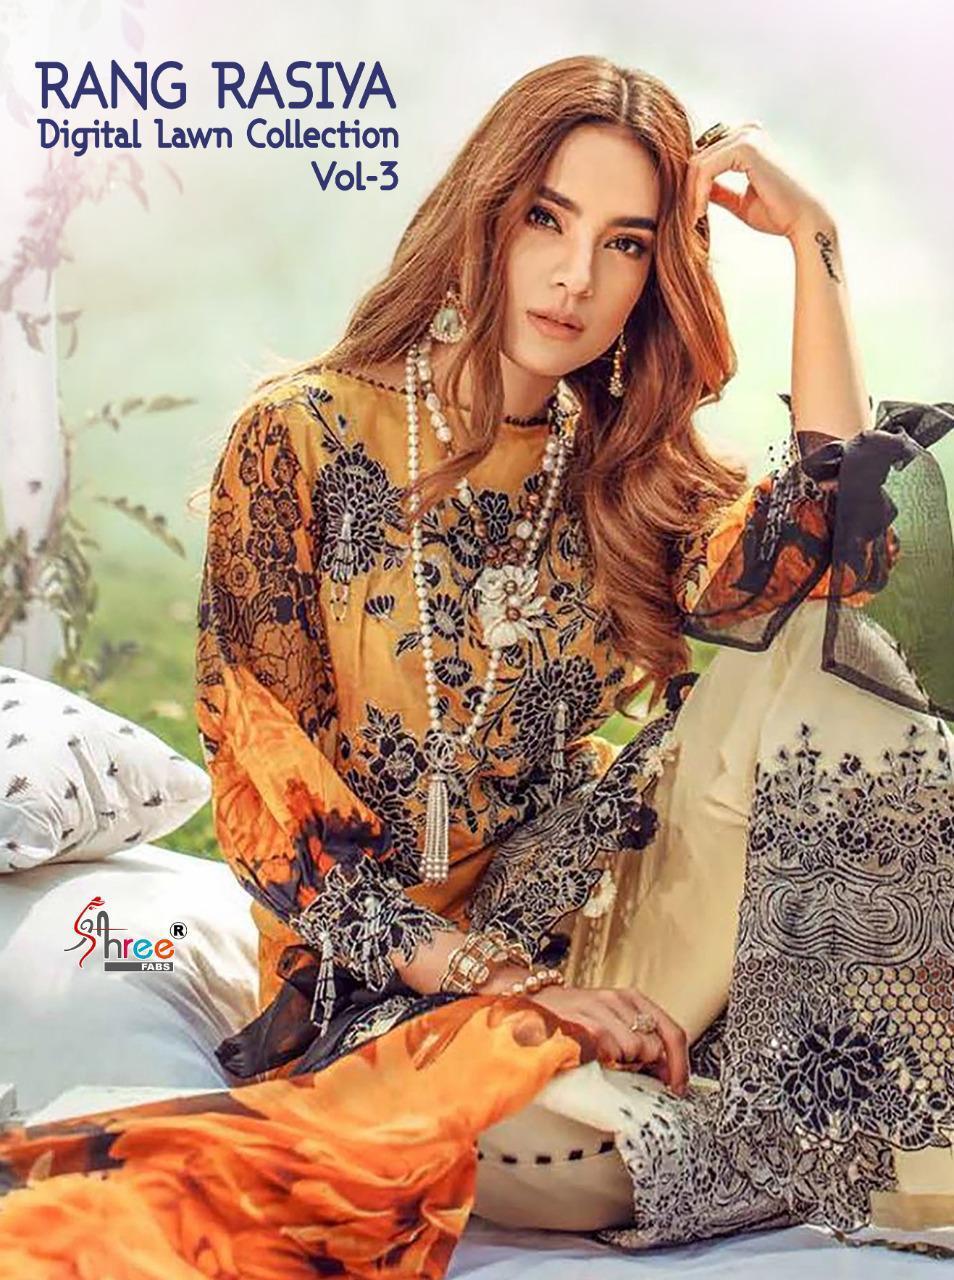 Shree Fabs Rang Rasiya Digital Lawn Collection Vol 3 Salwar Suit Wholesale Catalog 7 Pcs 2 - Shree Fabs Rang Rasiya Digital Lawn Collection Vol 3 Salwar Suit Wholesale Catalog 7 Pcs